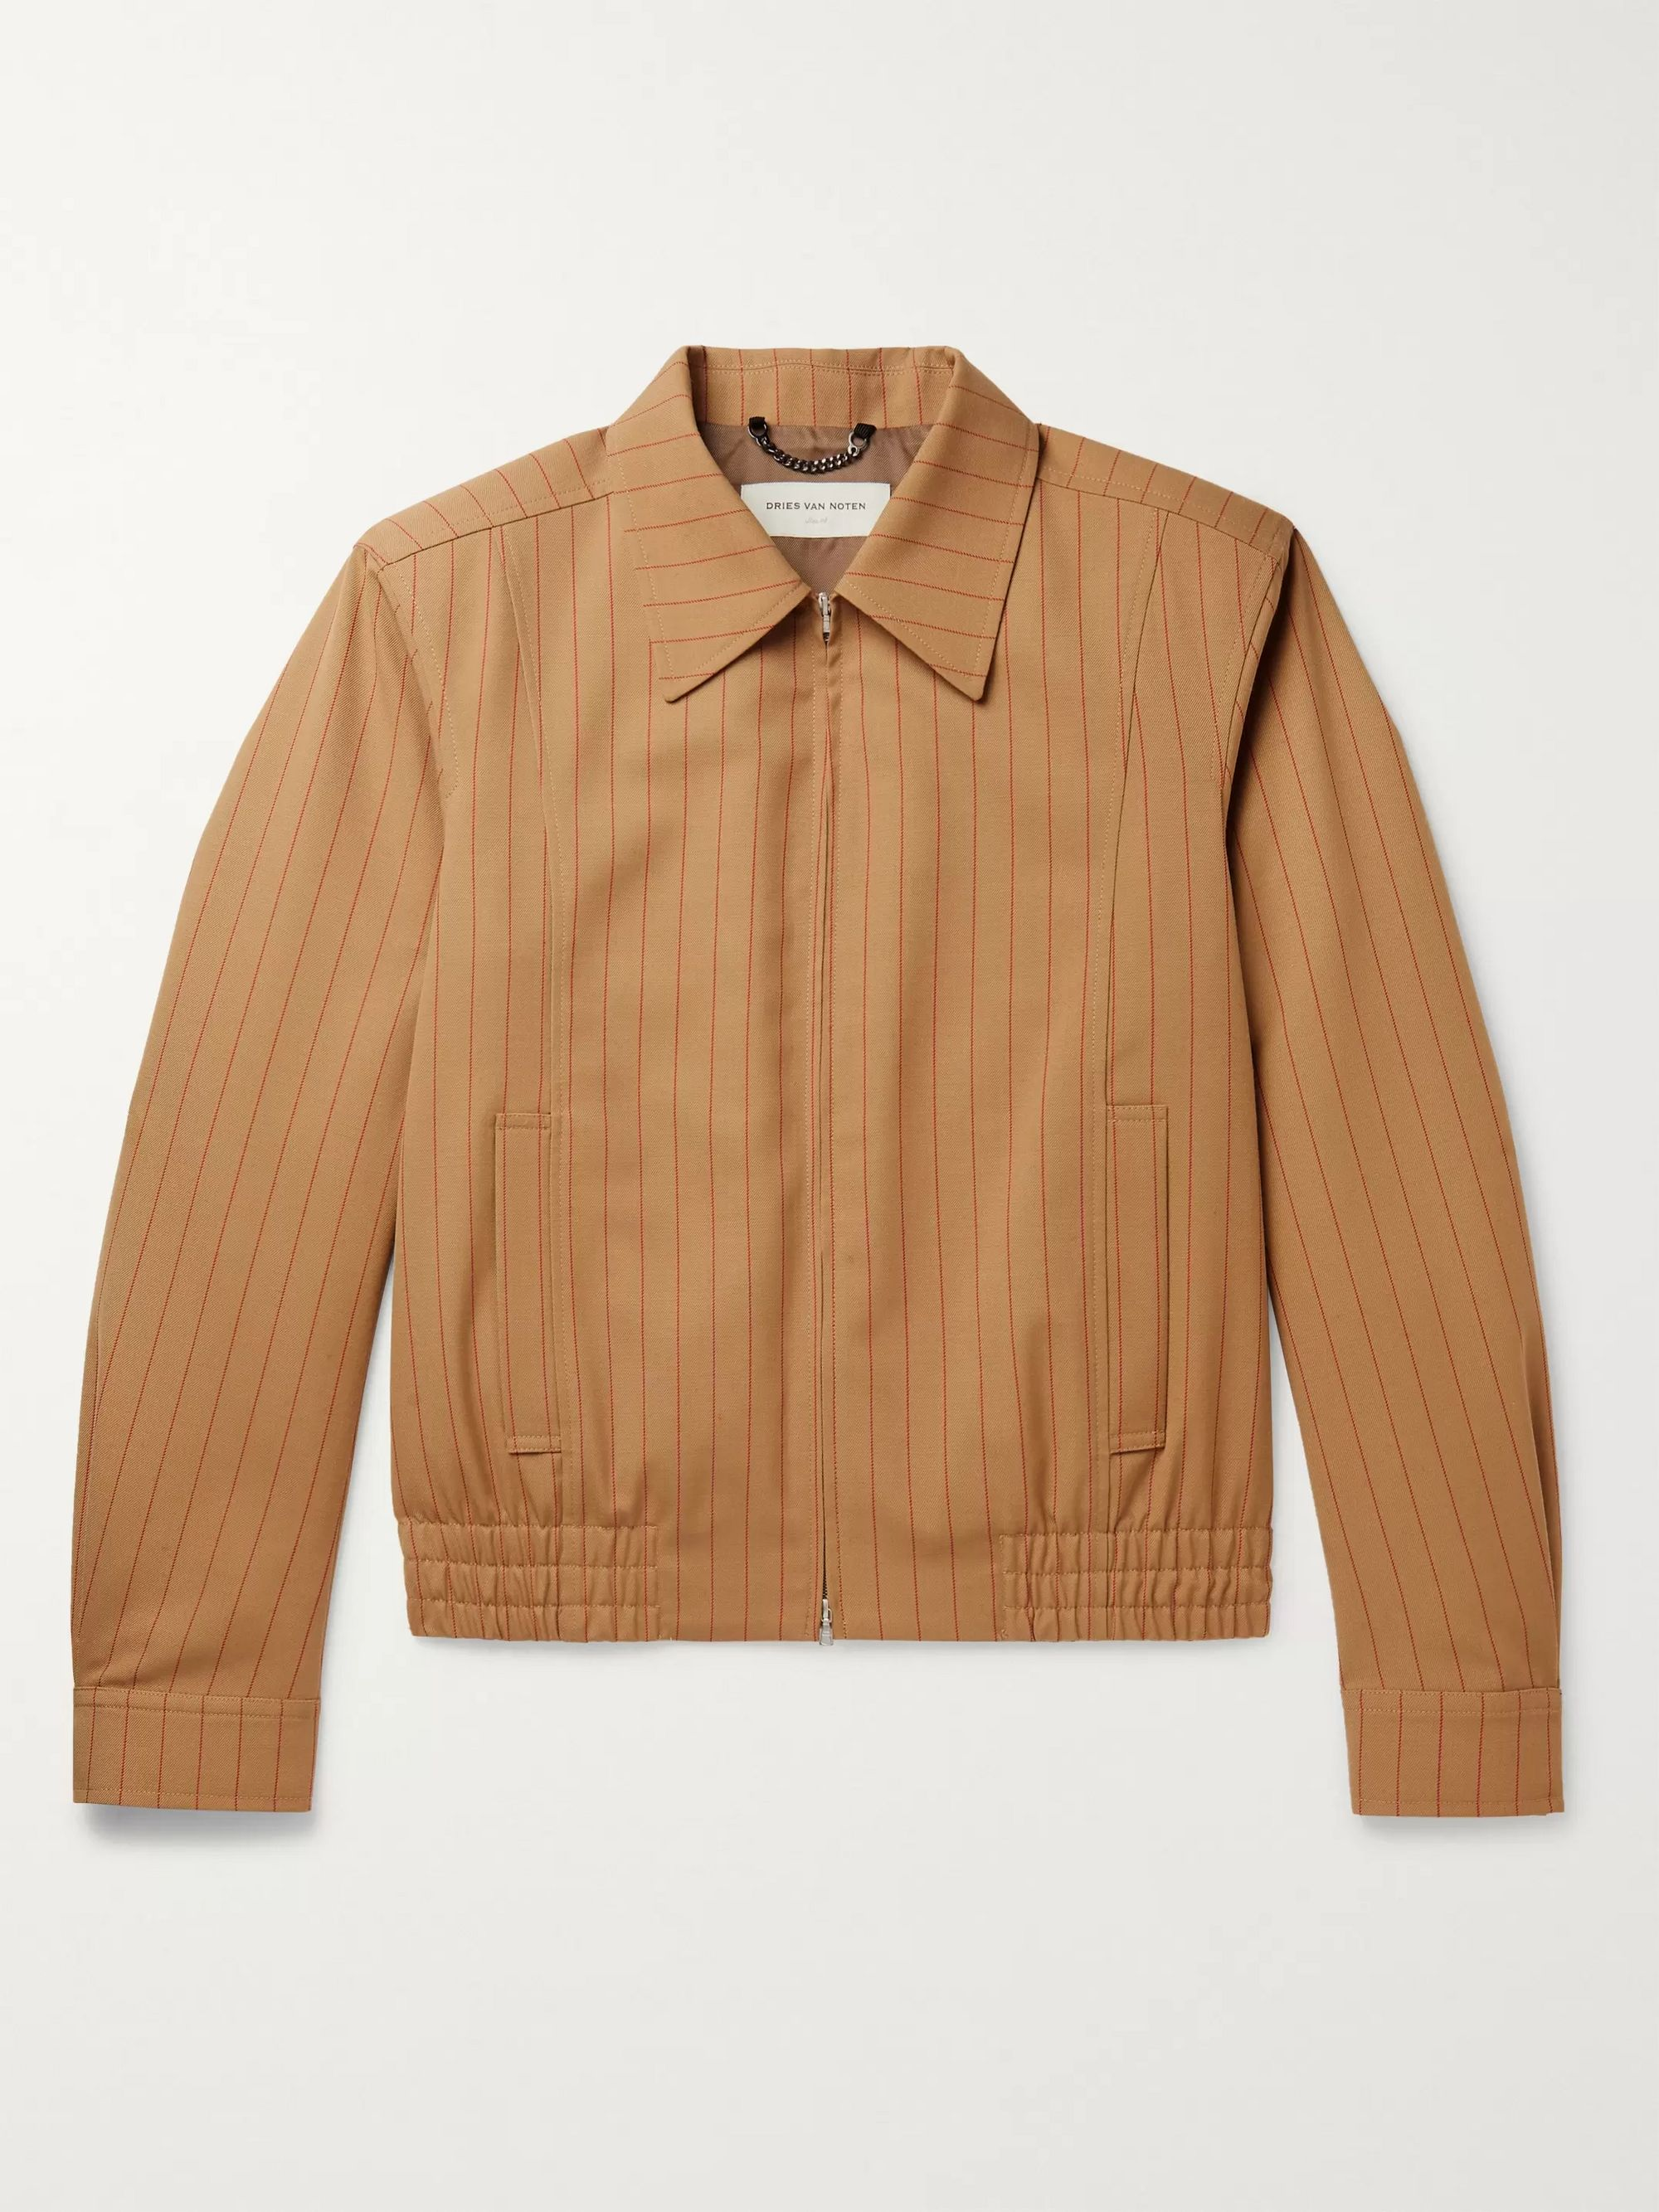 Dries Van Noten Beige Pinstriped Woven Jacket,Beige